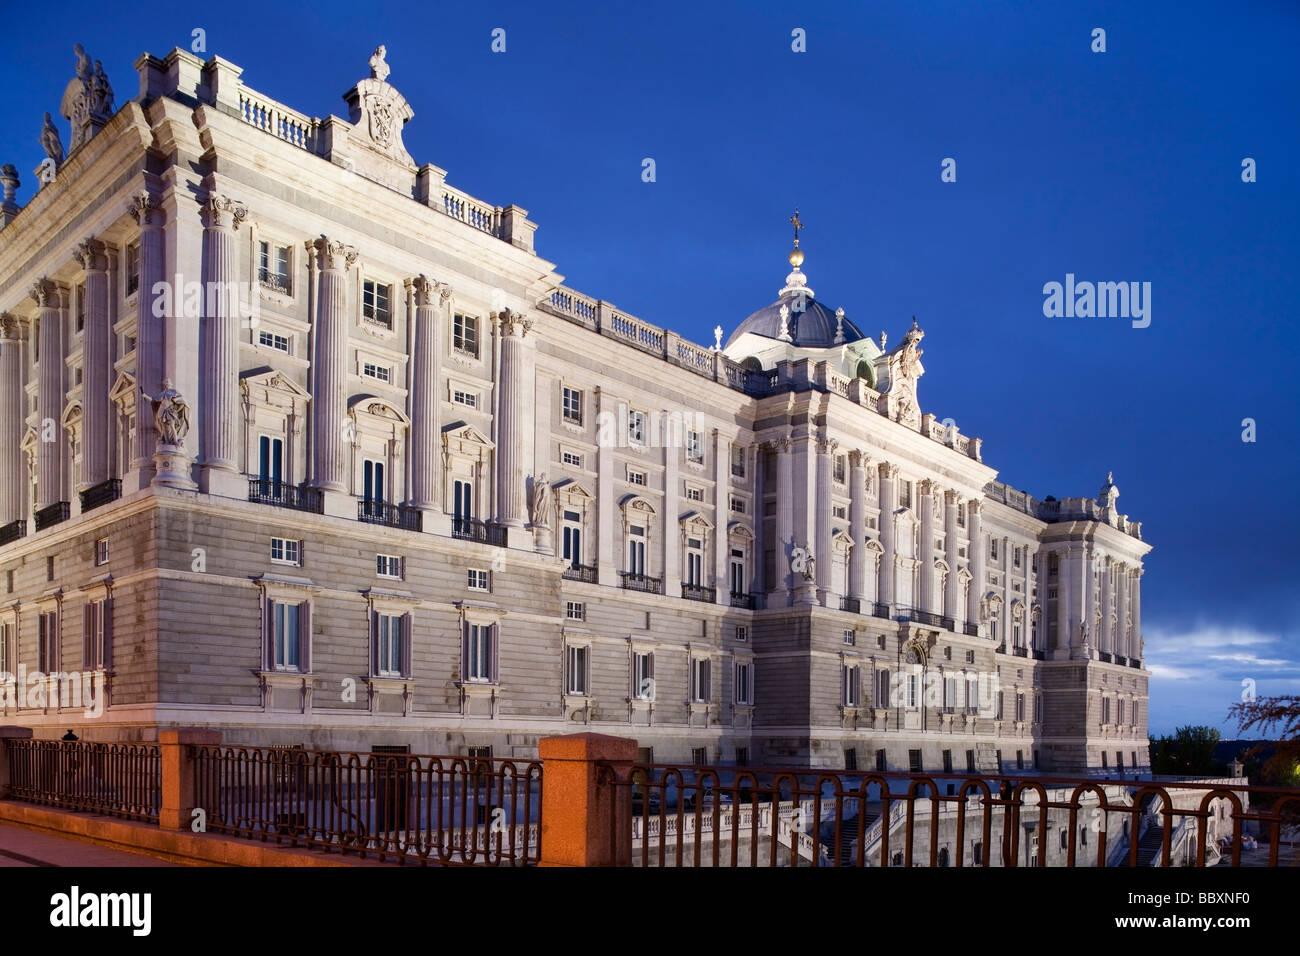 Royal Palace illuminated, Madrid, Spain - Stock Image